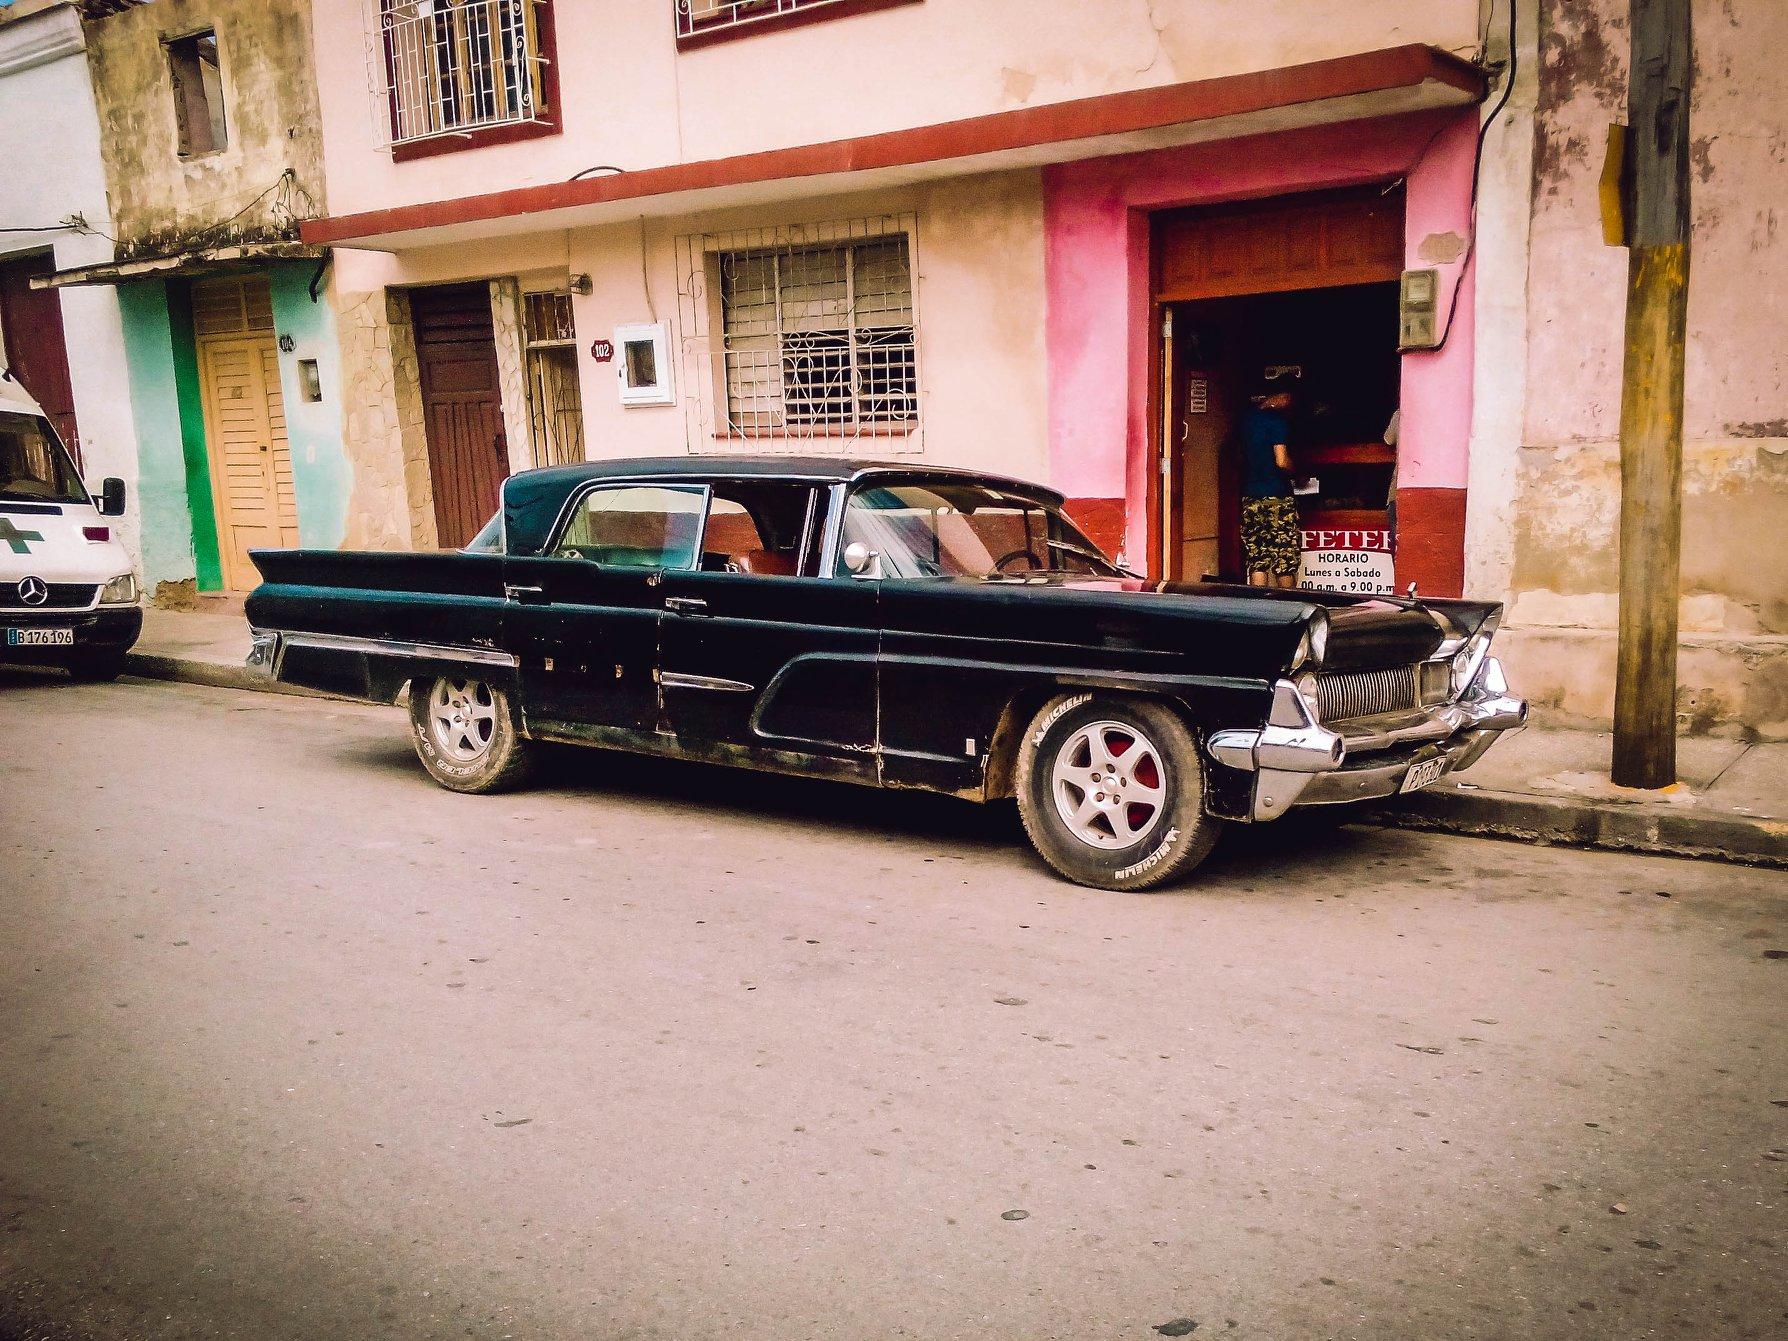 Lincoln-1959-Clasico-in-Holguin